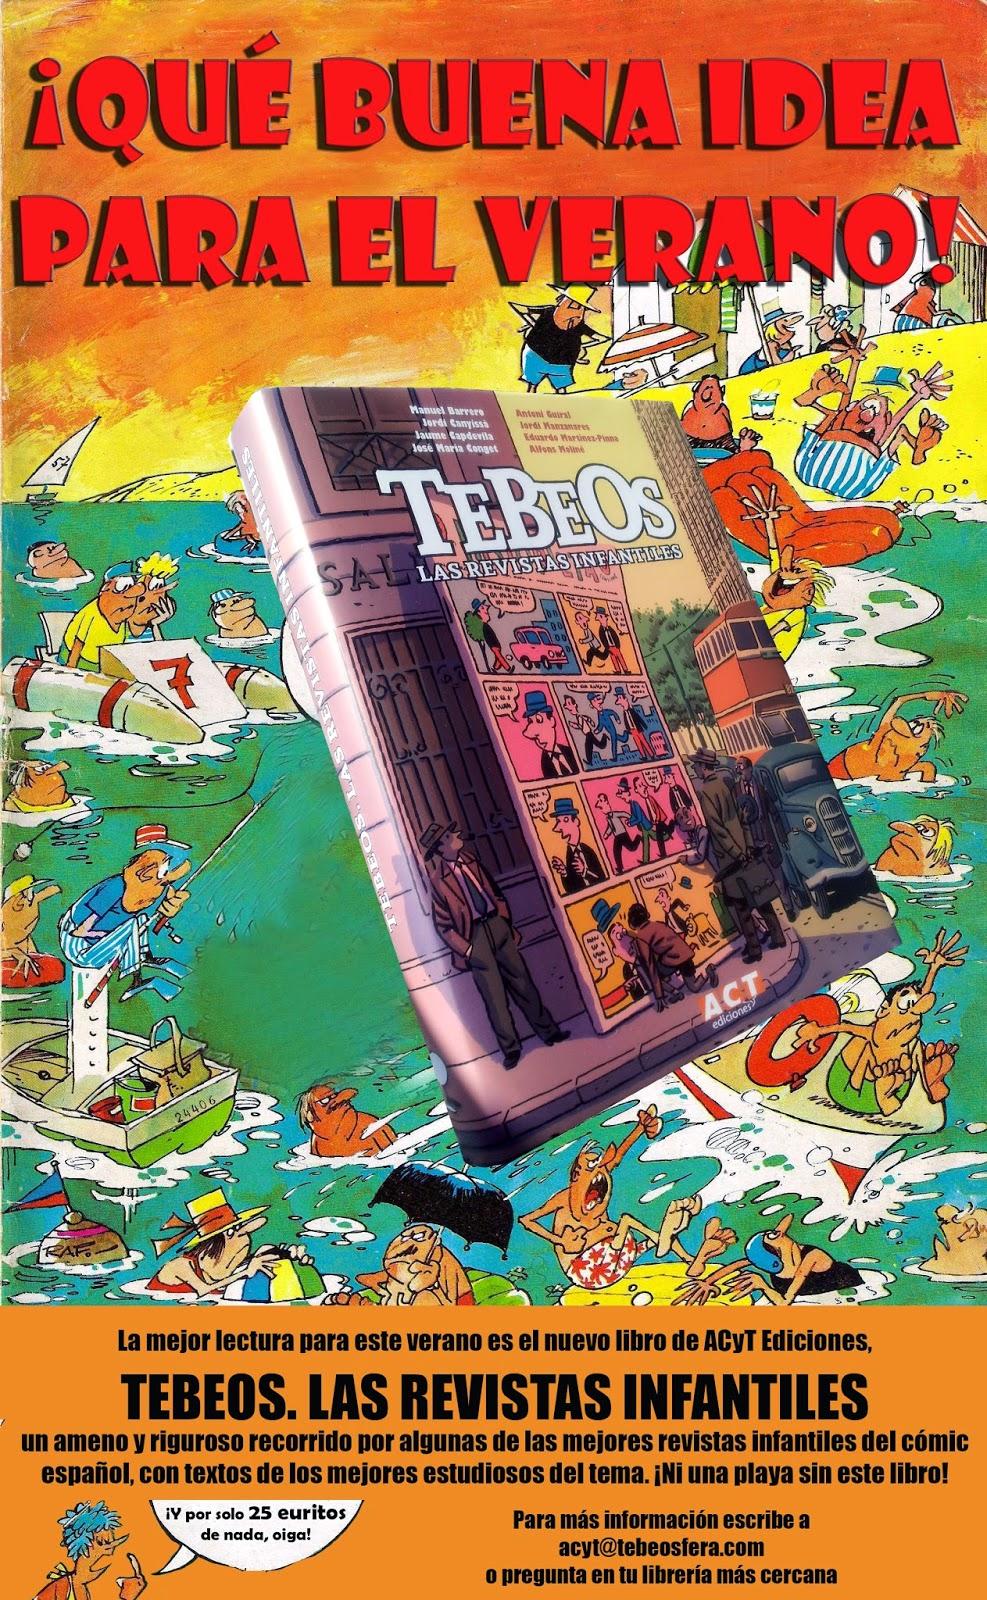 http://asociacionculturaltebeosfera.blogspot.com.es/p/memoria-de-la-historieta.html